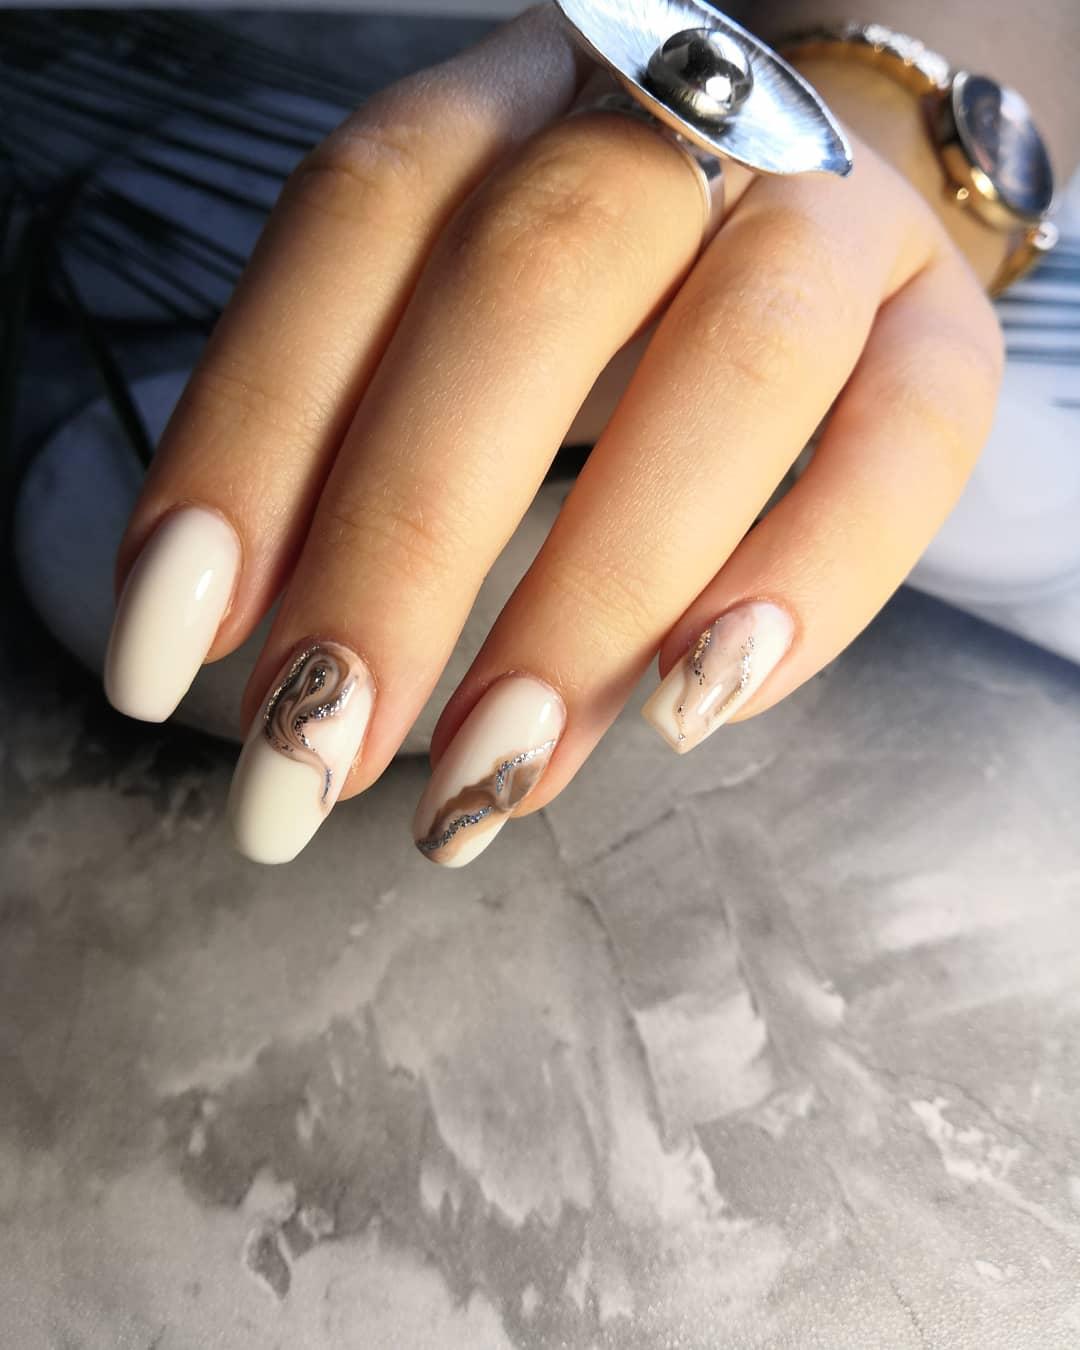 Маникюр с морским дизайном и серебряными блестками в молочном цвете на длинные ногти.